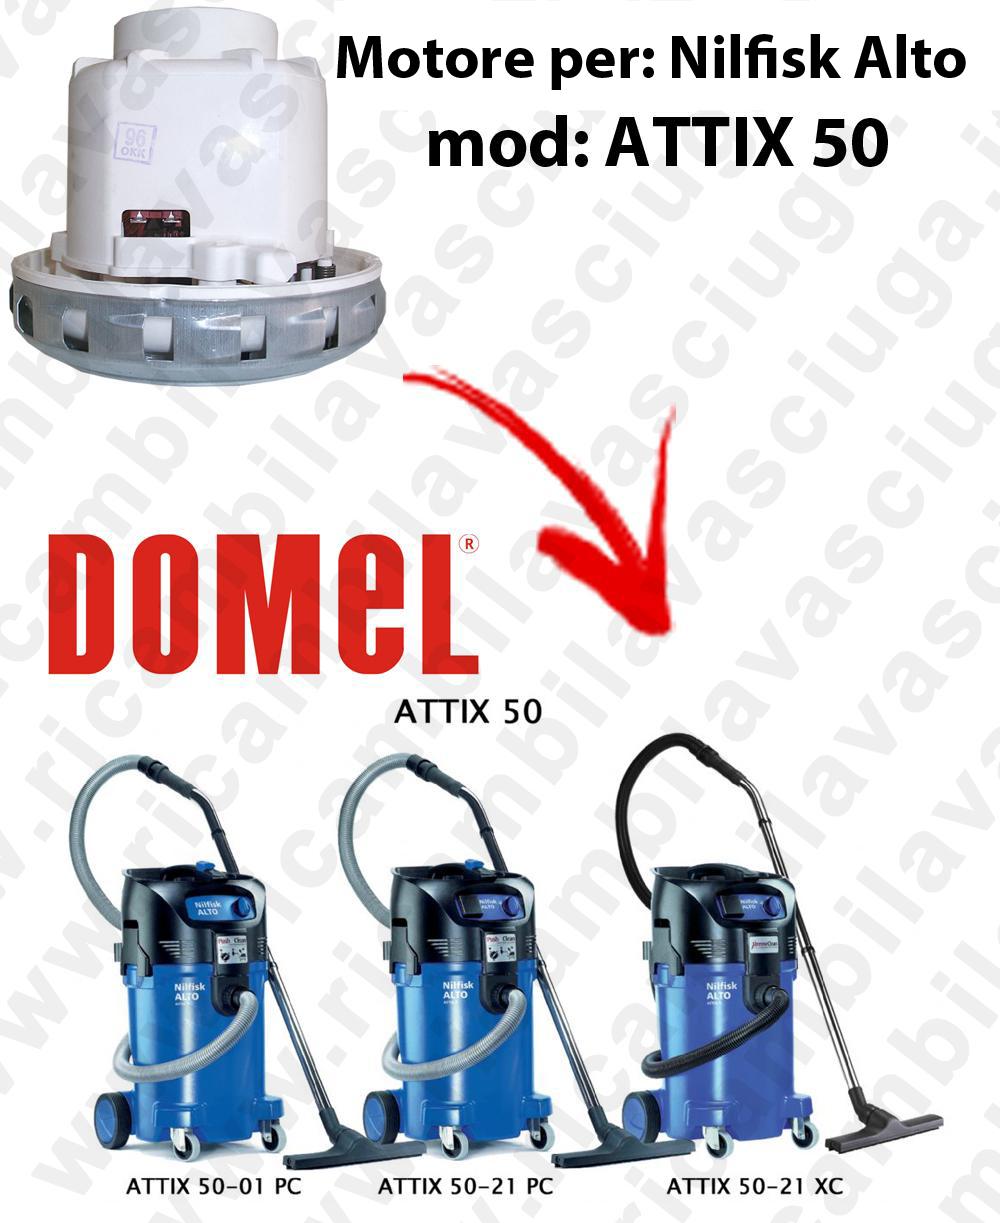 MOTORE DOMEL  para ATTIX 50 aspiradora NILFISK ALTO